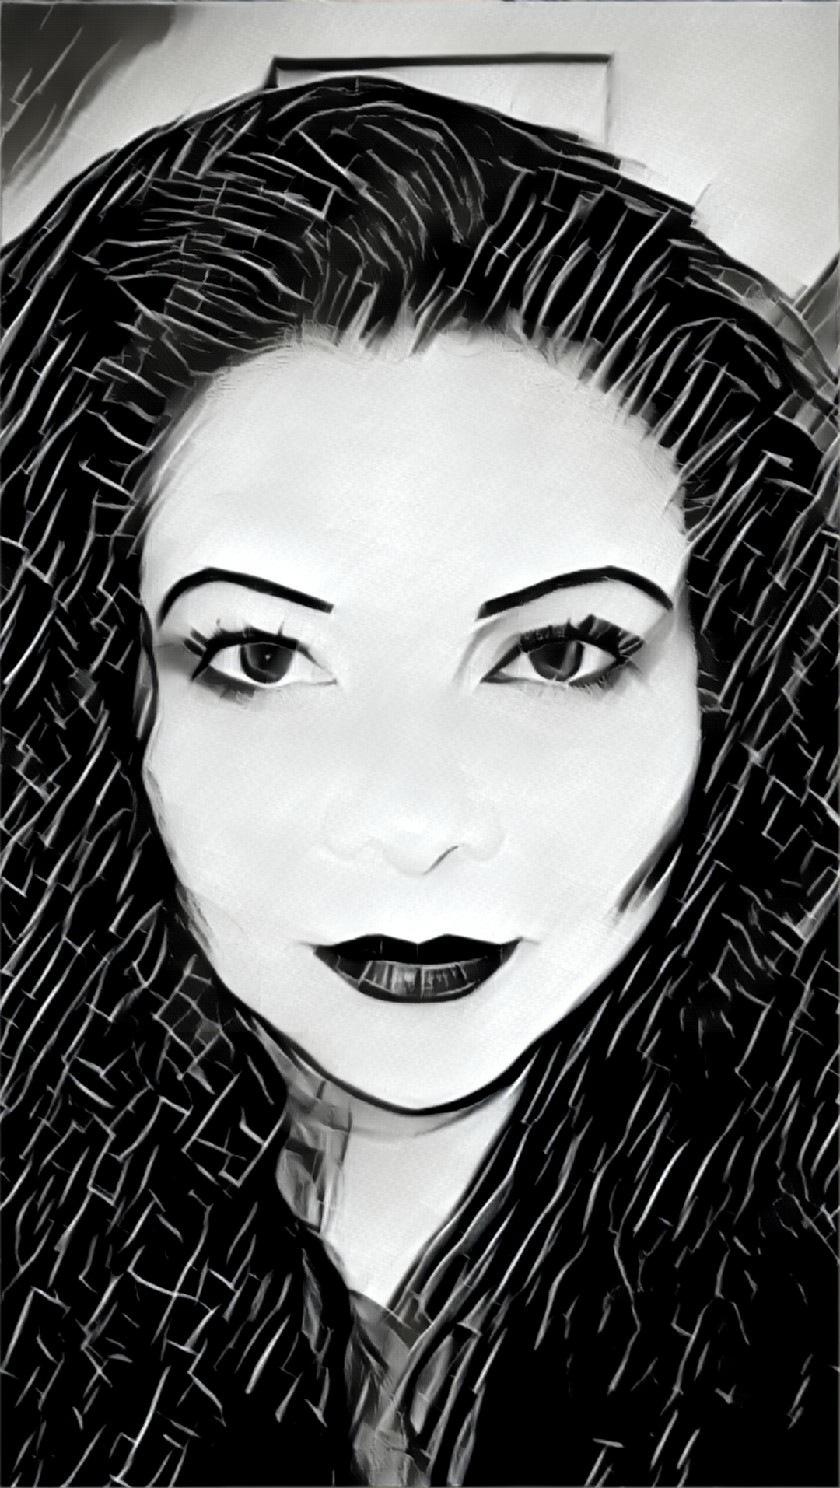 self portrait by Celyn Szoke